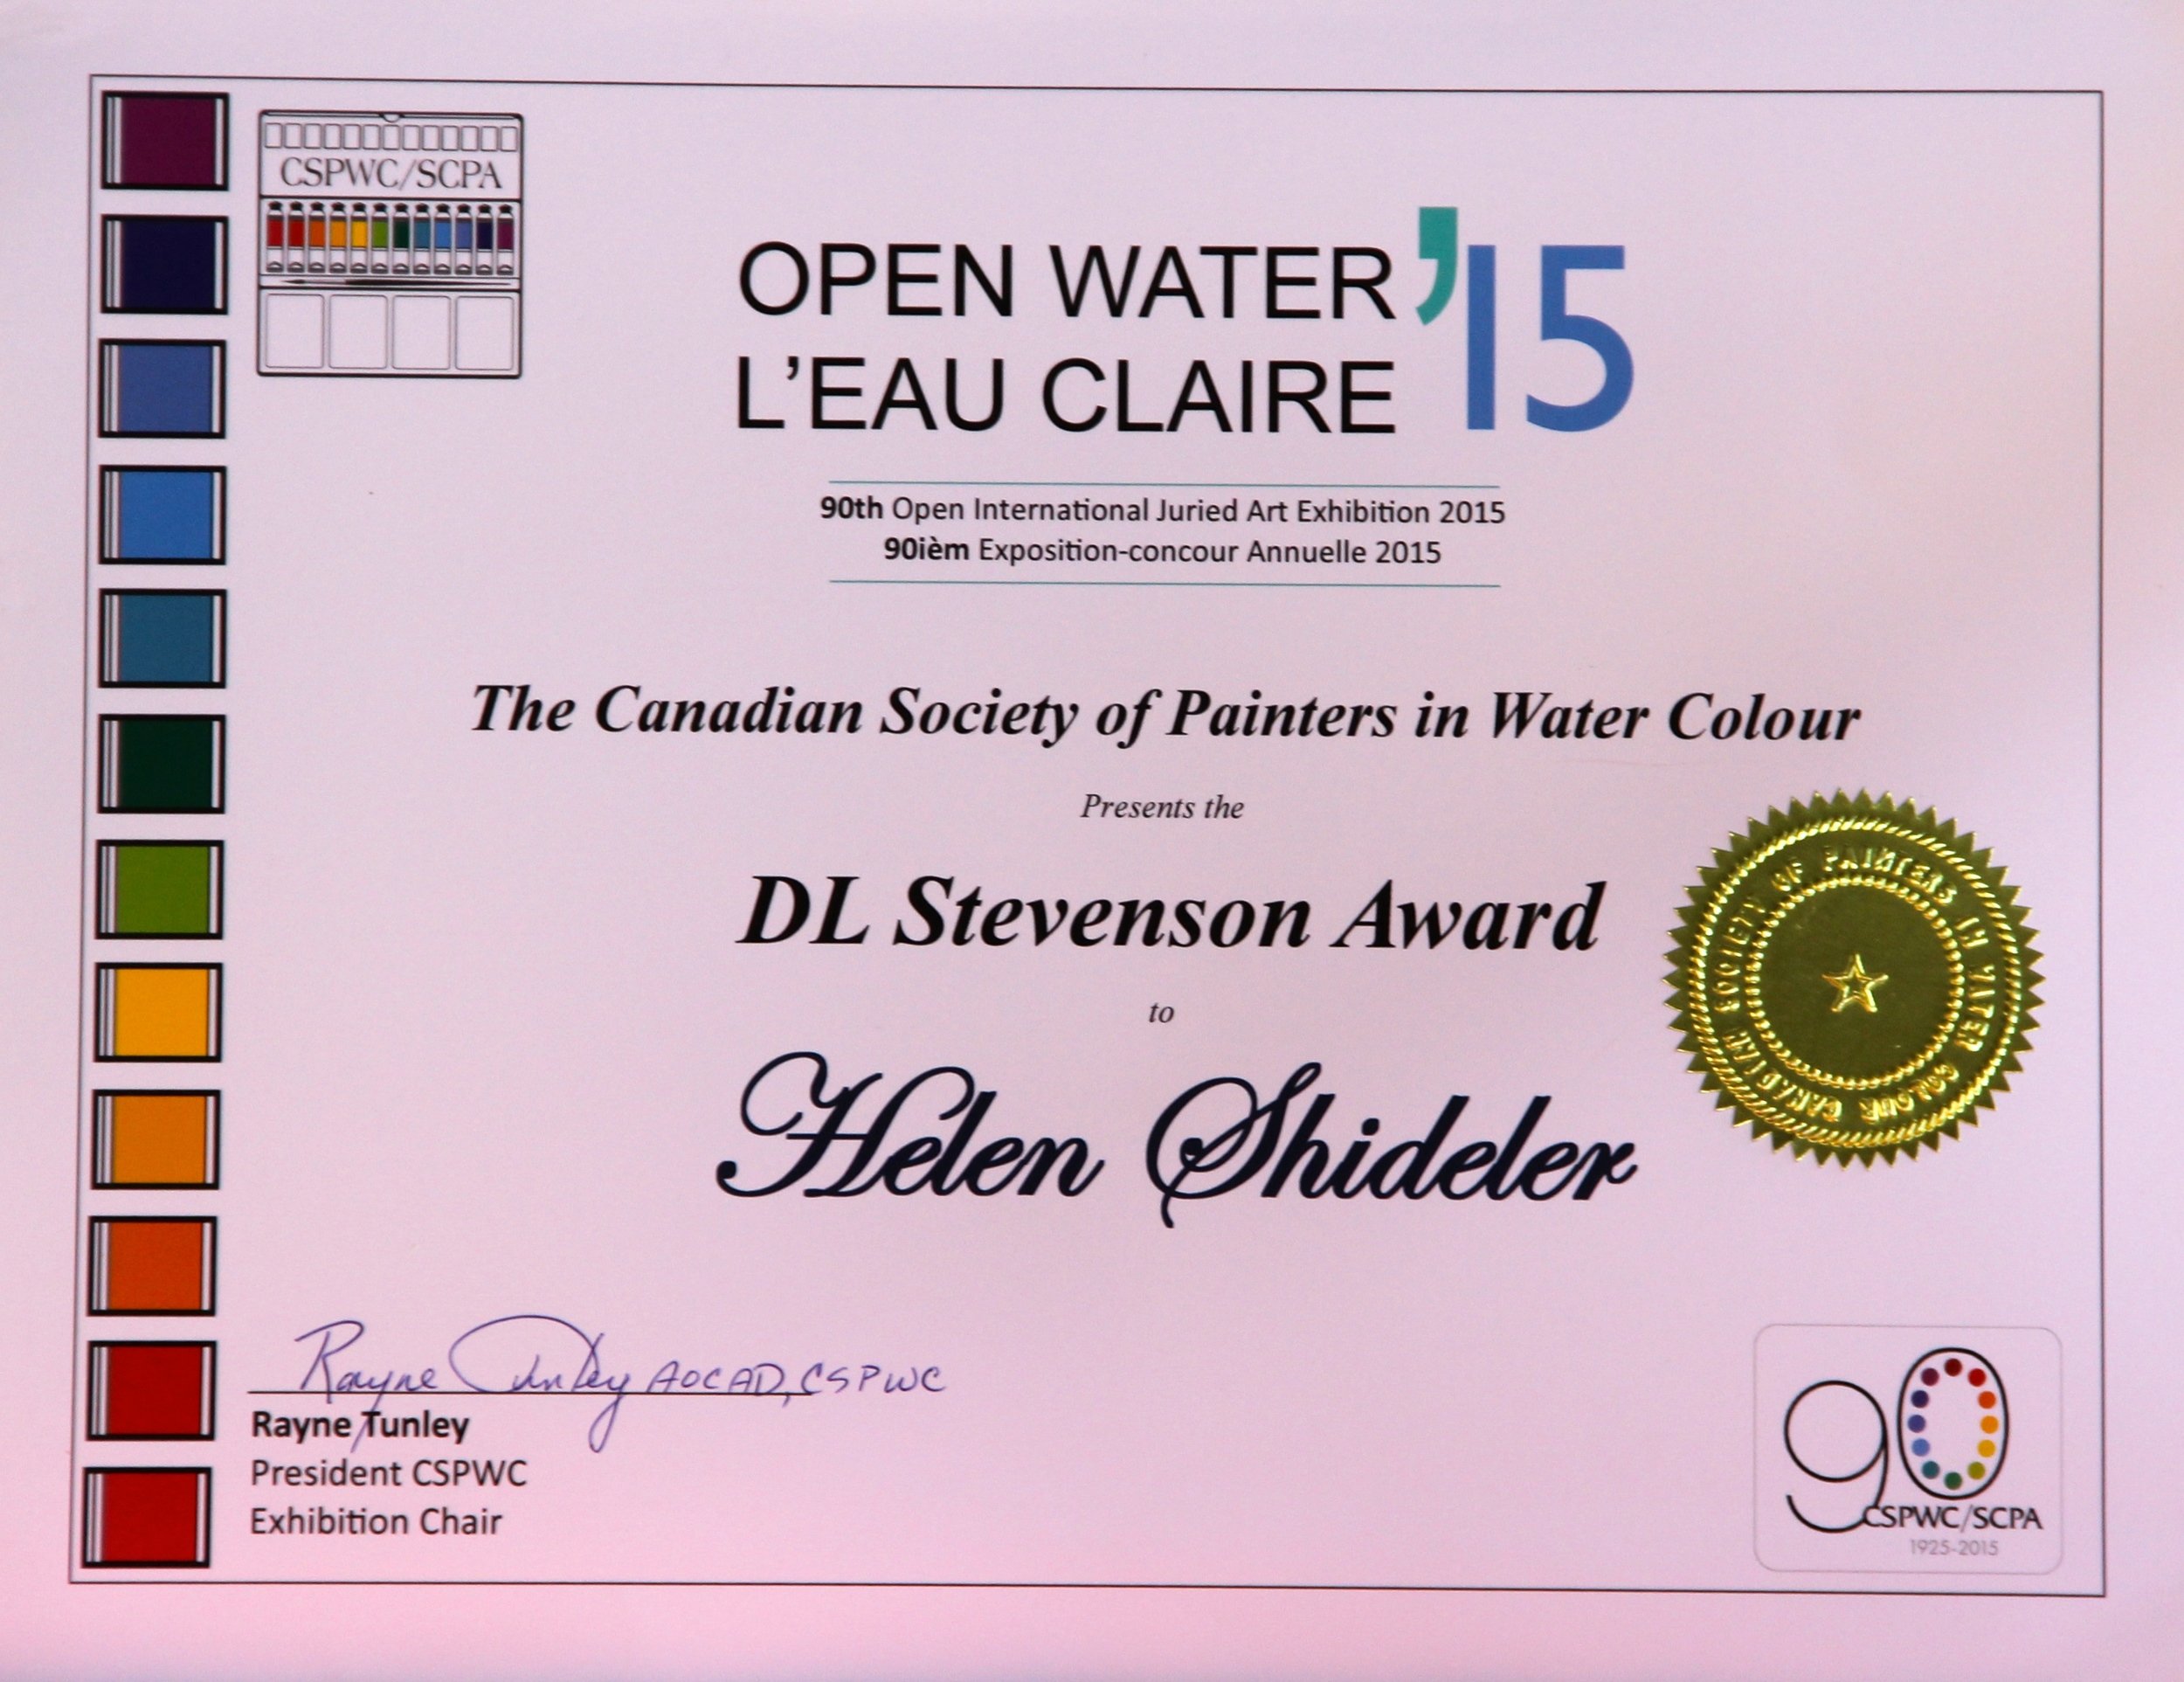 Open Water'15